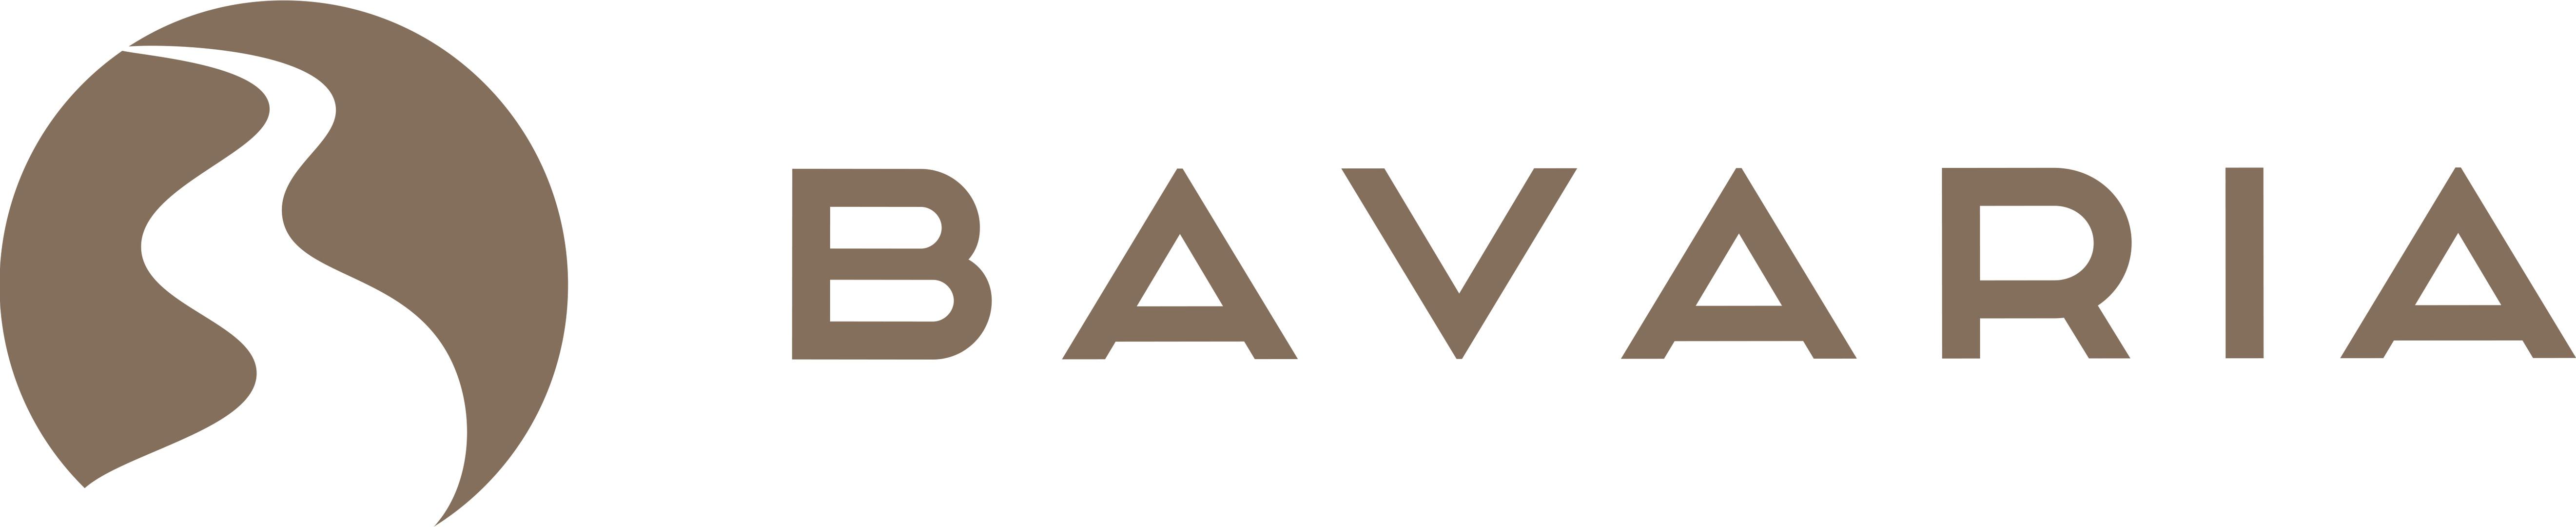 bavaria-logo-web.jpg